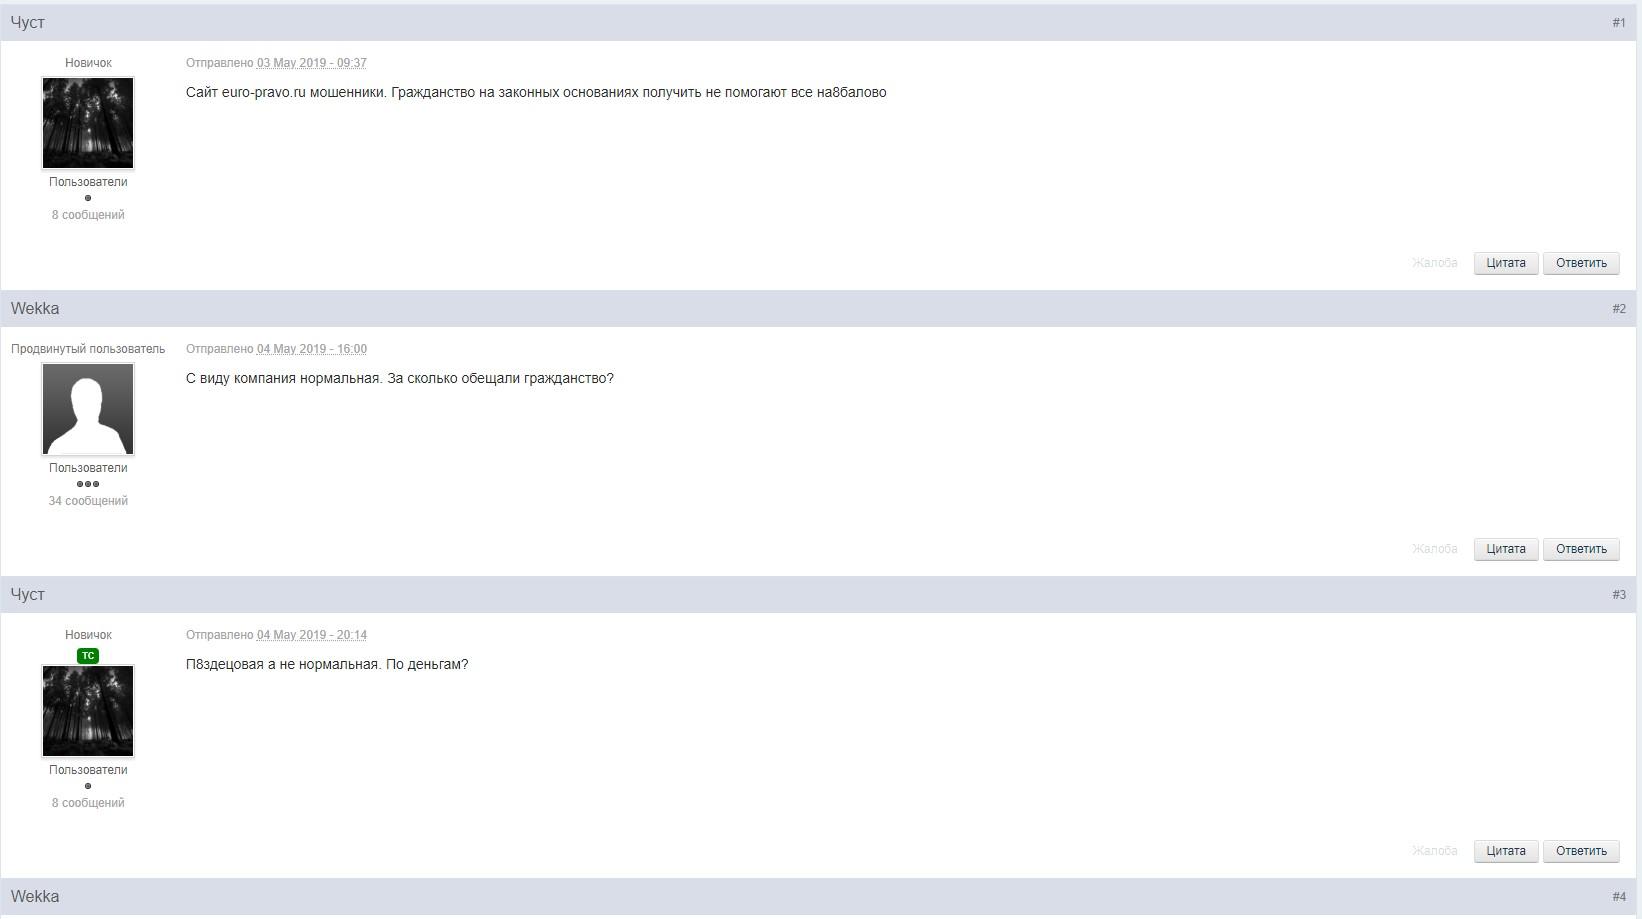 отзывы о компании euro-pravo